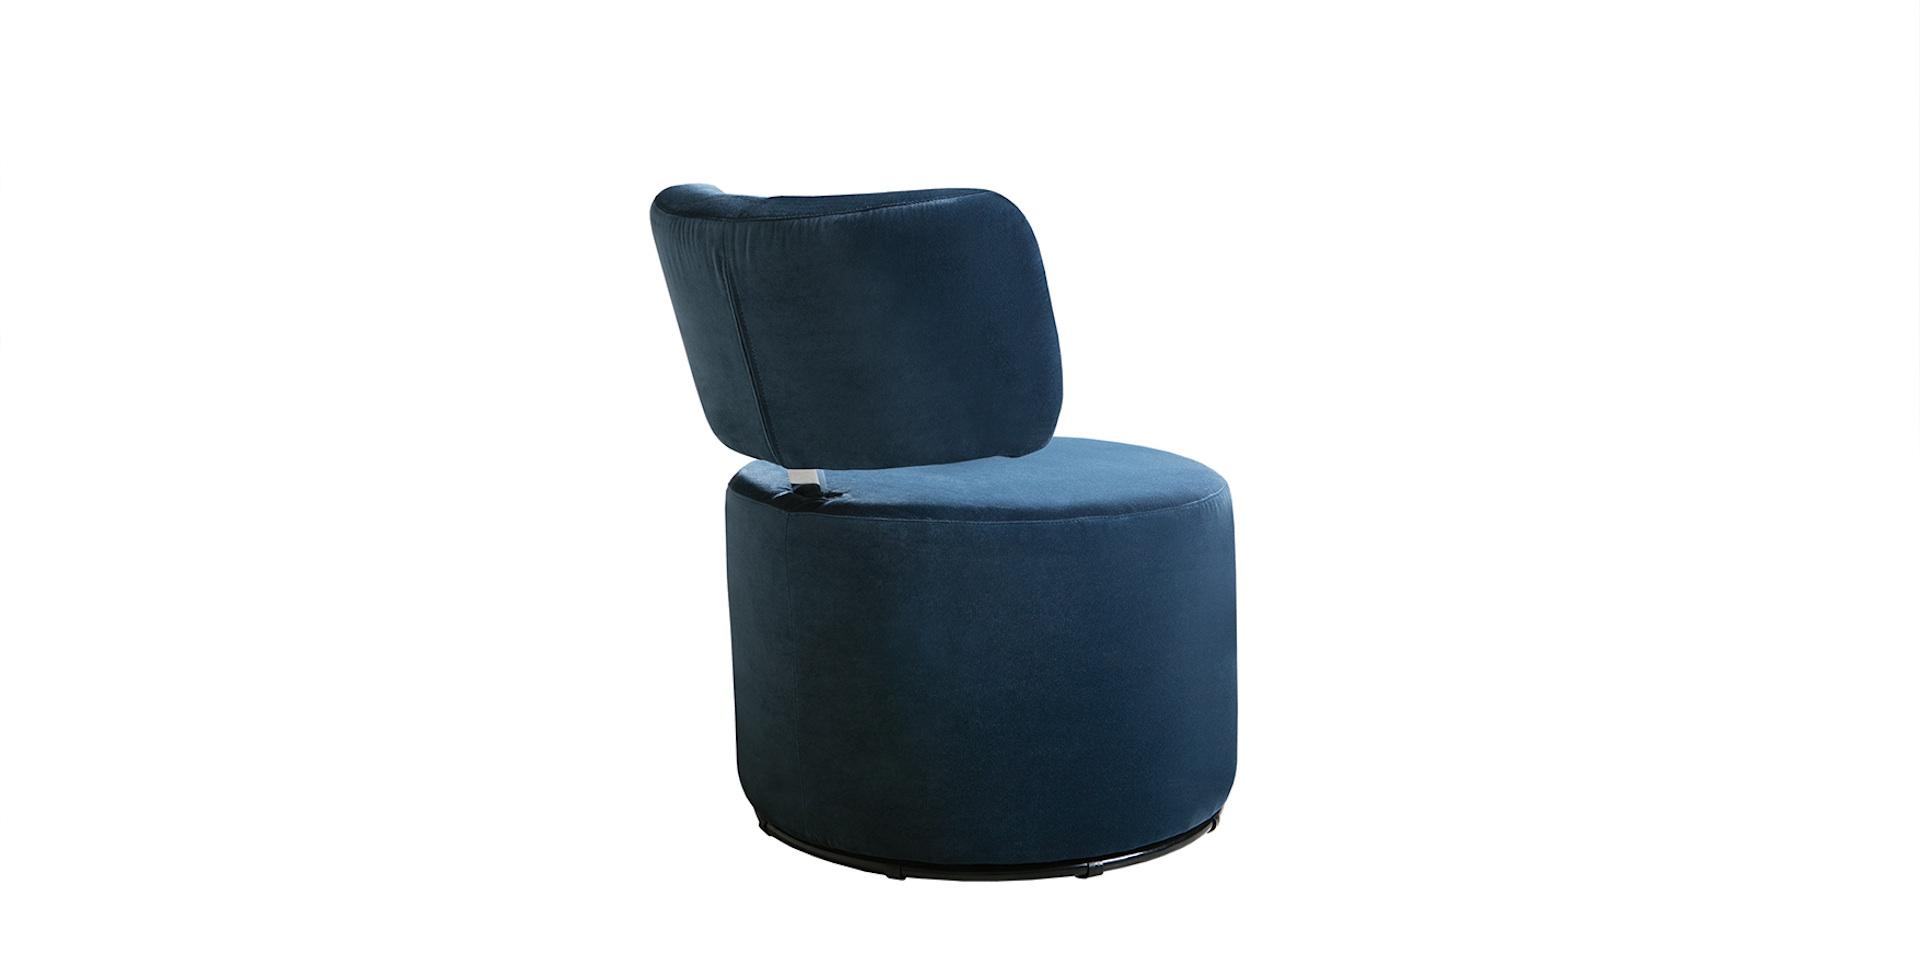 MOKKA_armchair_swivel_classic_velvet12_navy_blue_7